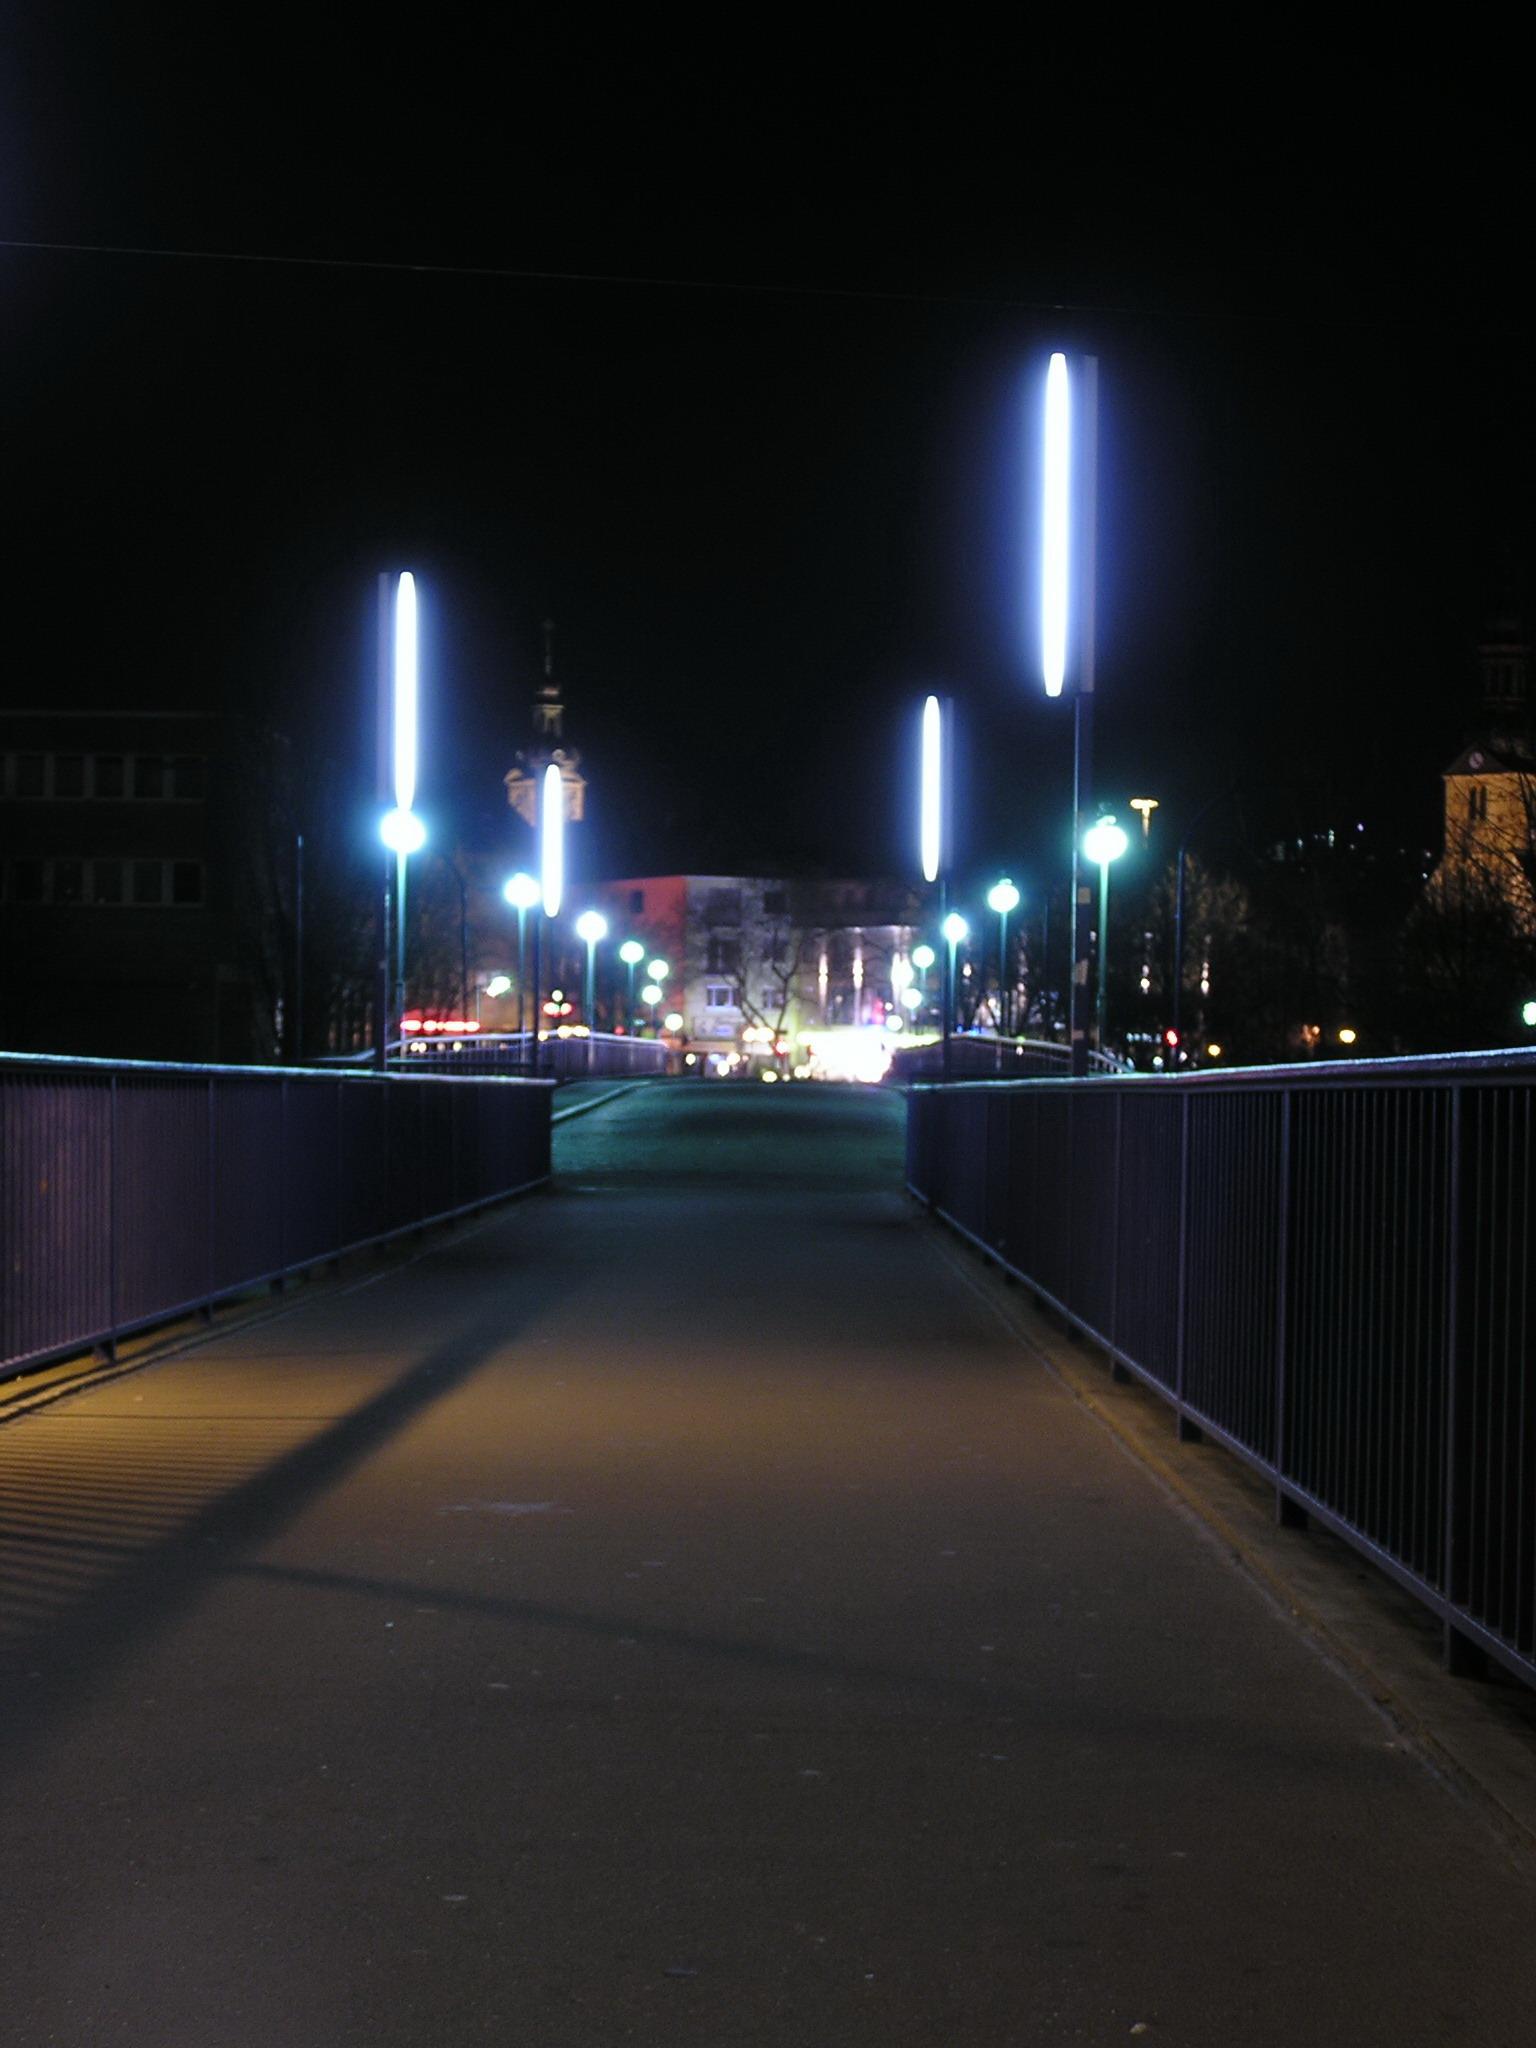 Nachtbild 003: Fussgängerbrücke